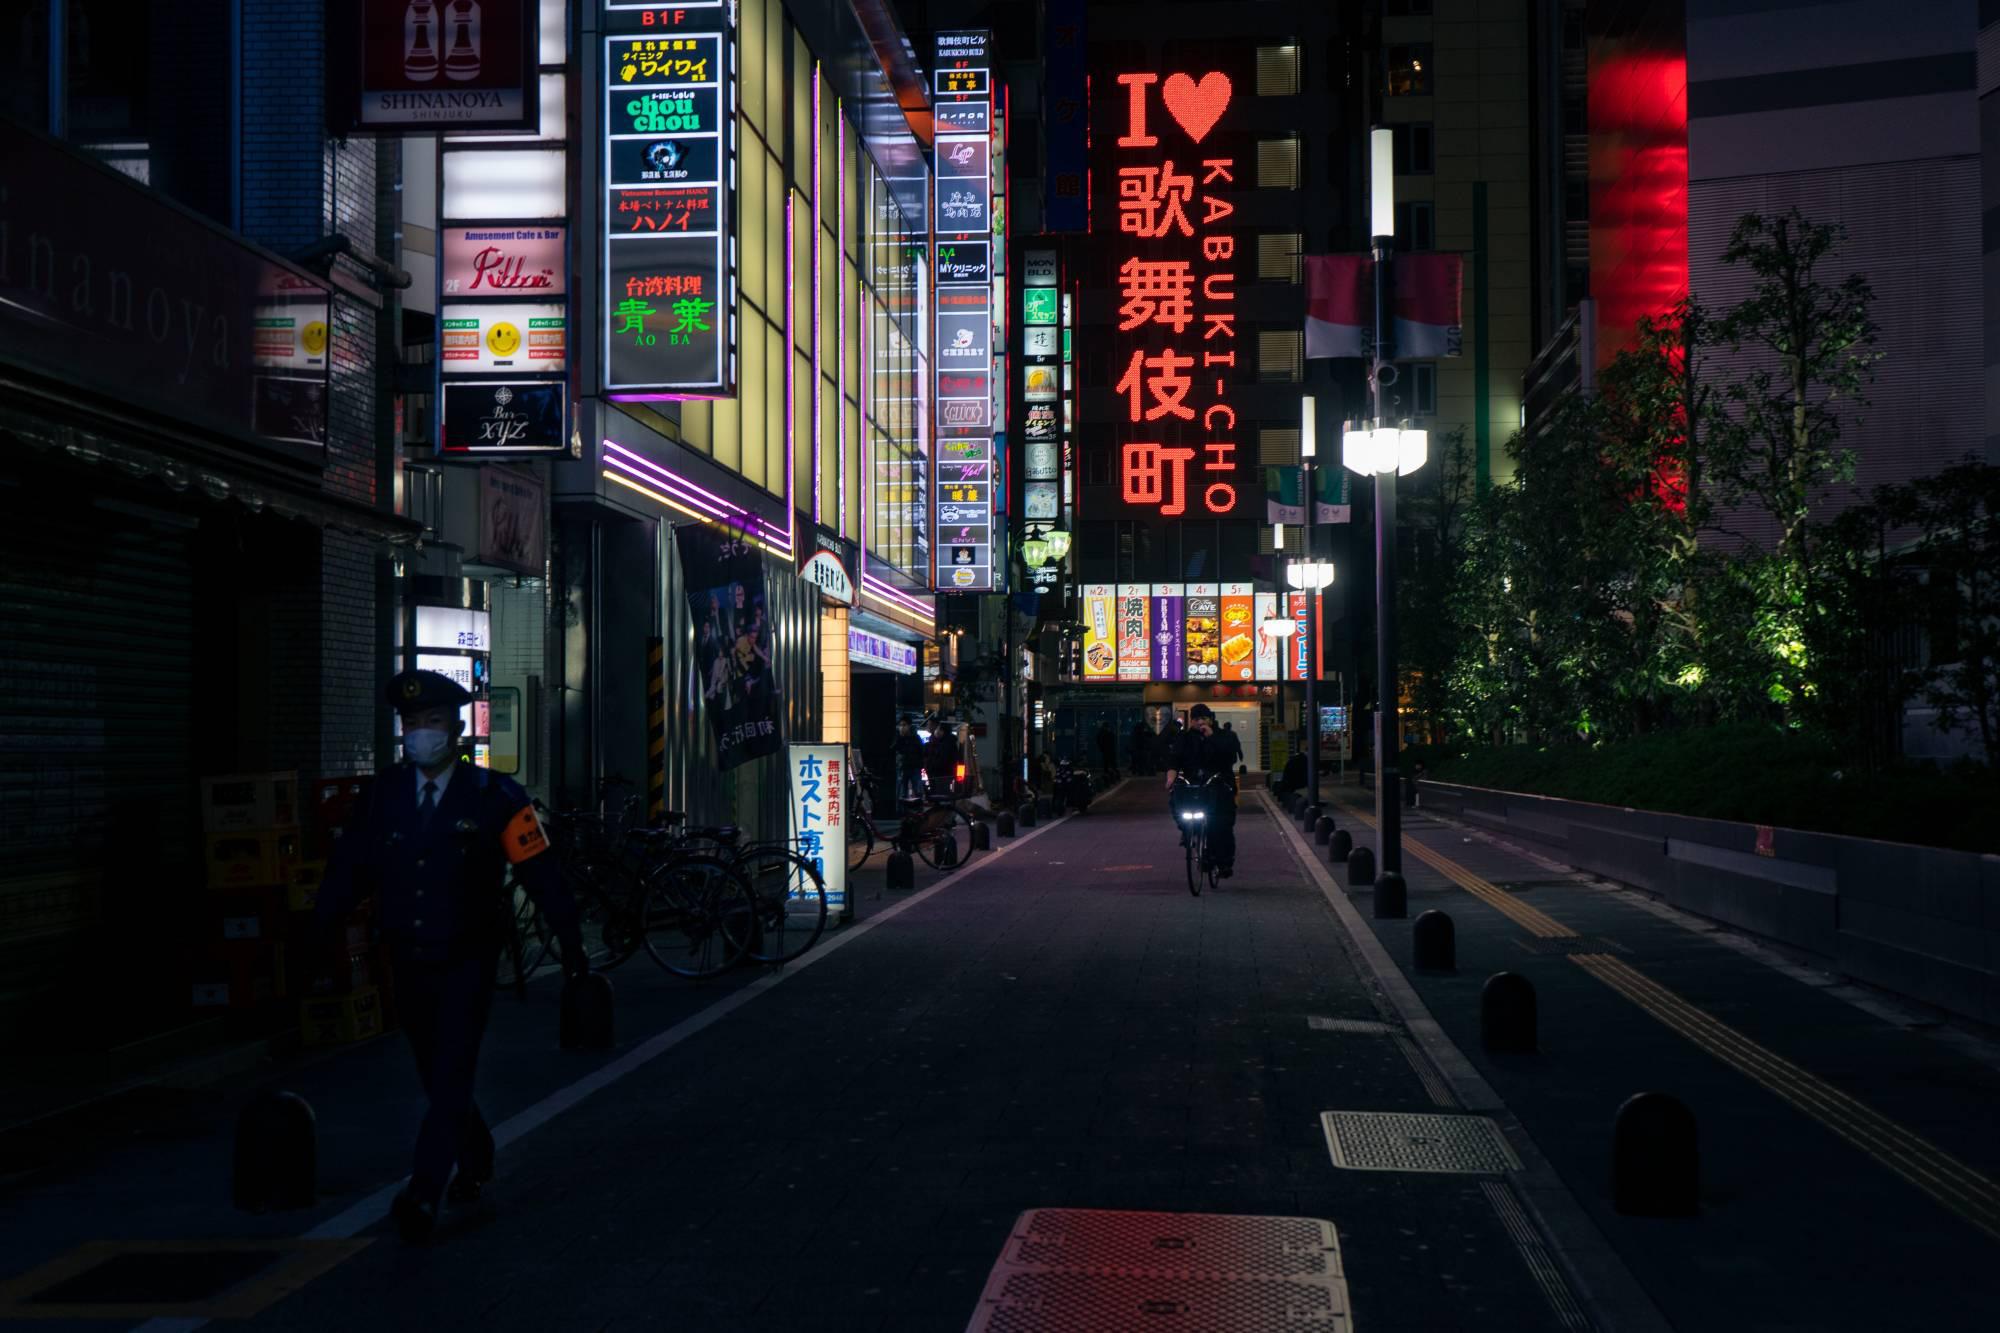 Tháng 4 buồn của Tokyo - Ảnh 3.